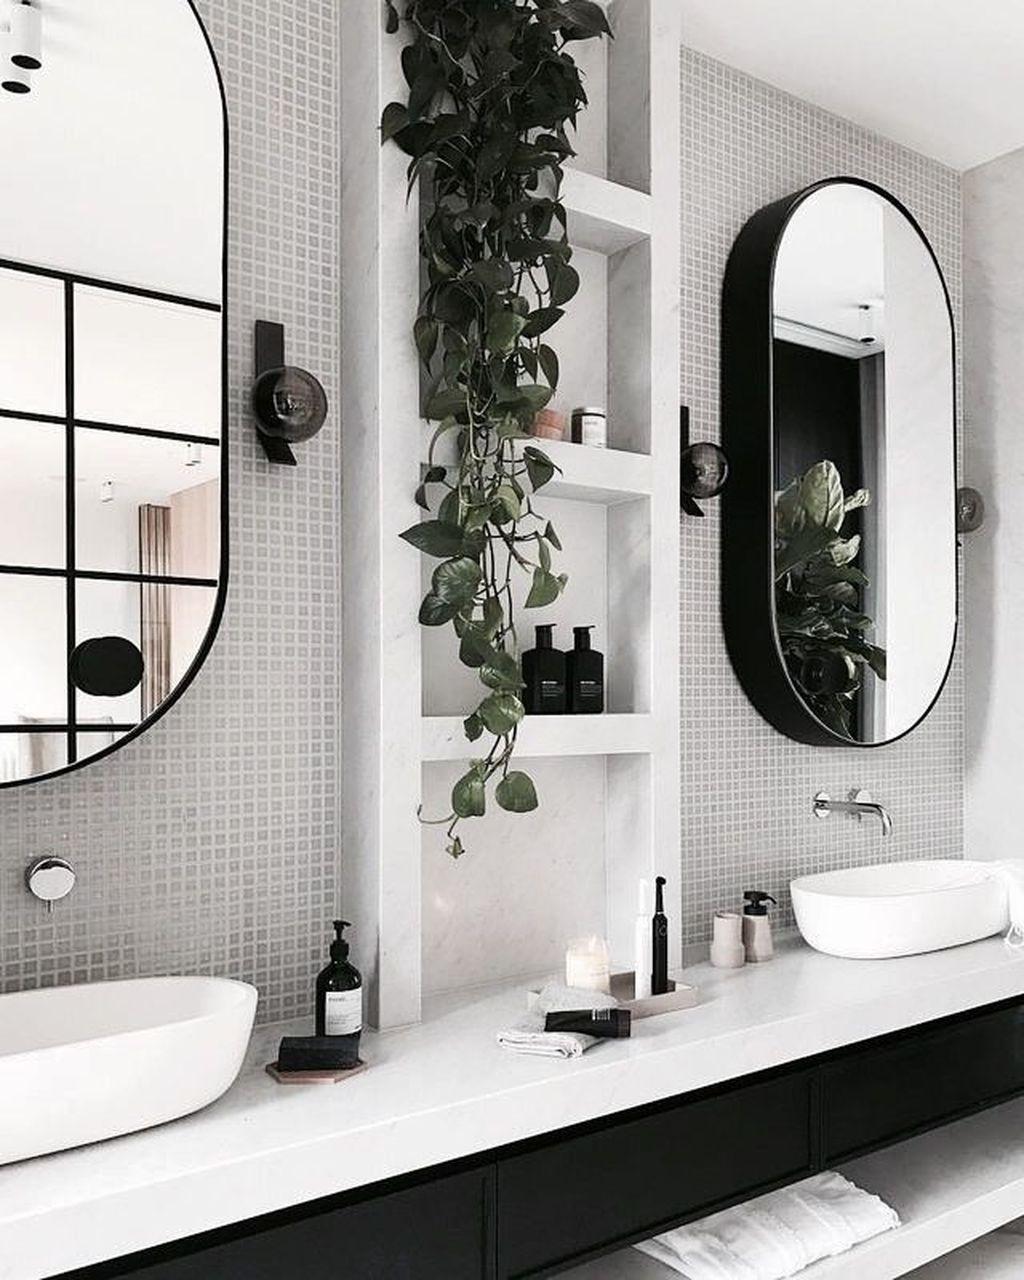 8 Stunning Bathroom Trends For 2020 You Ll Love In 2020 Badezimmer Einrichtung Badezimmer Renovieren